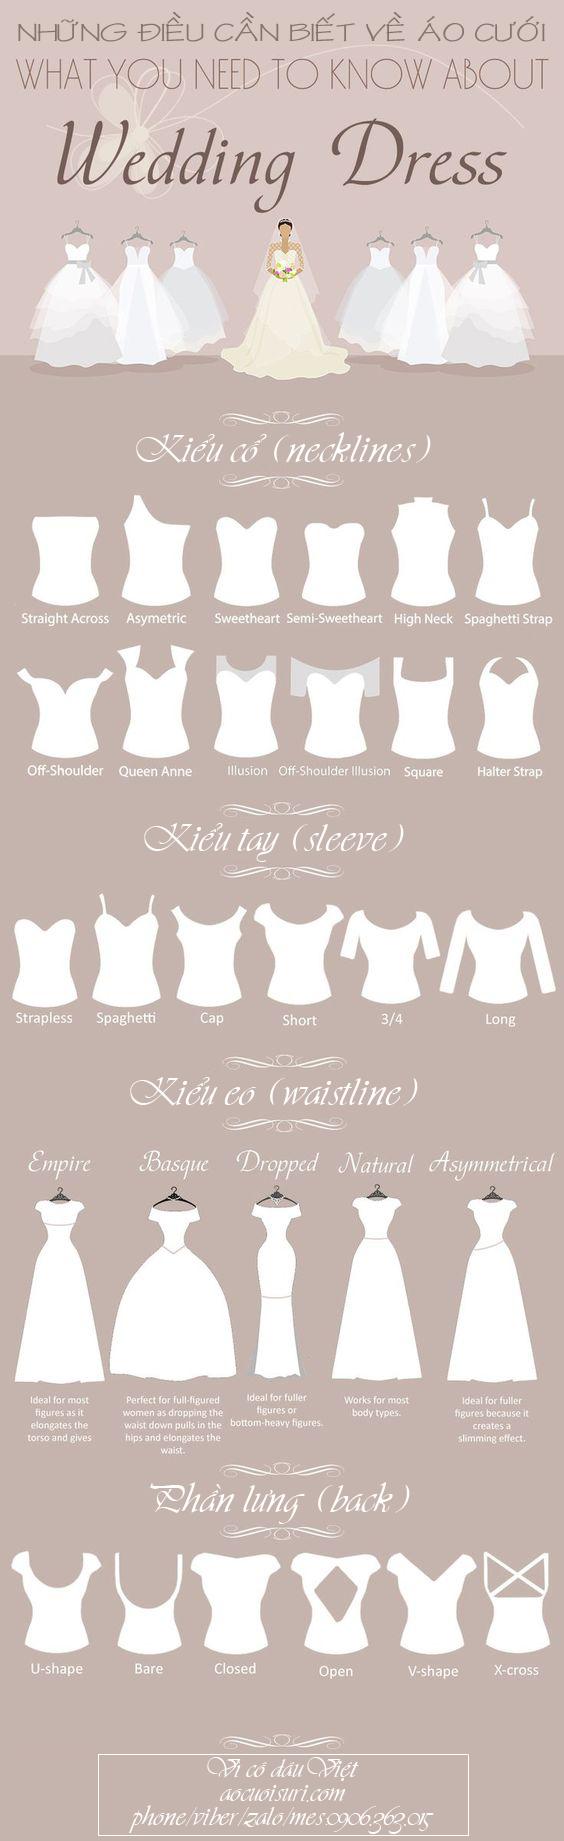 Những điều cần biết về áo cưới